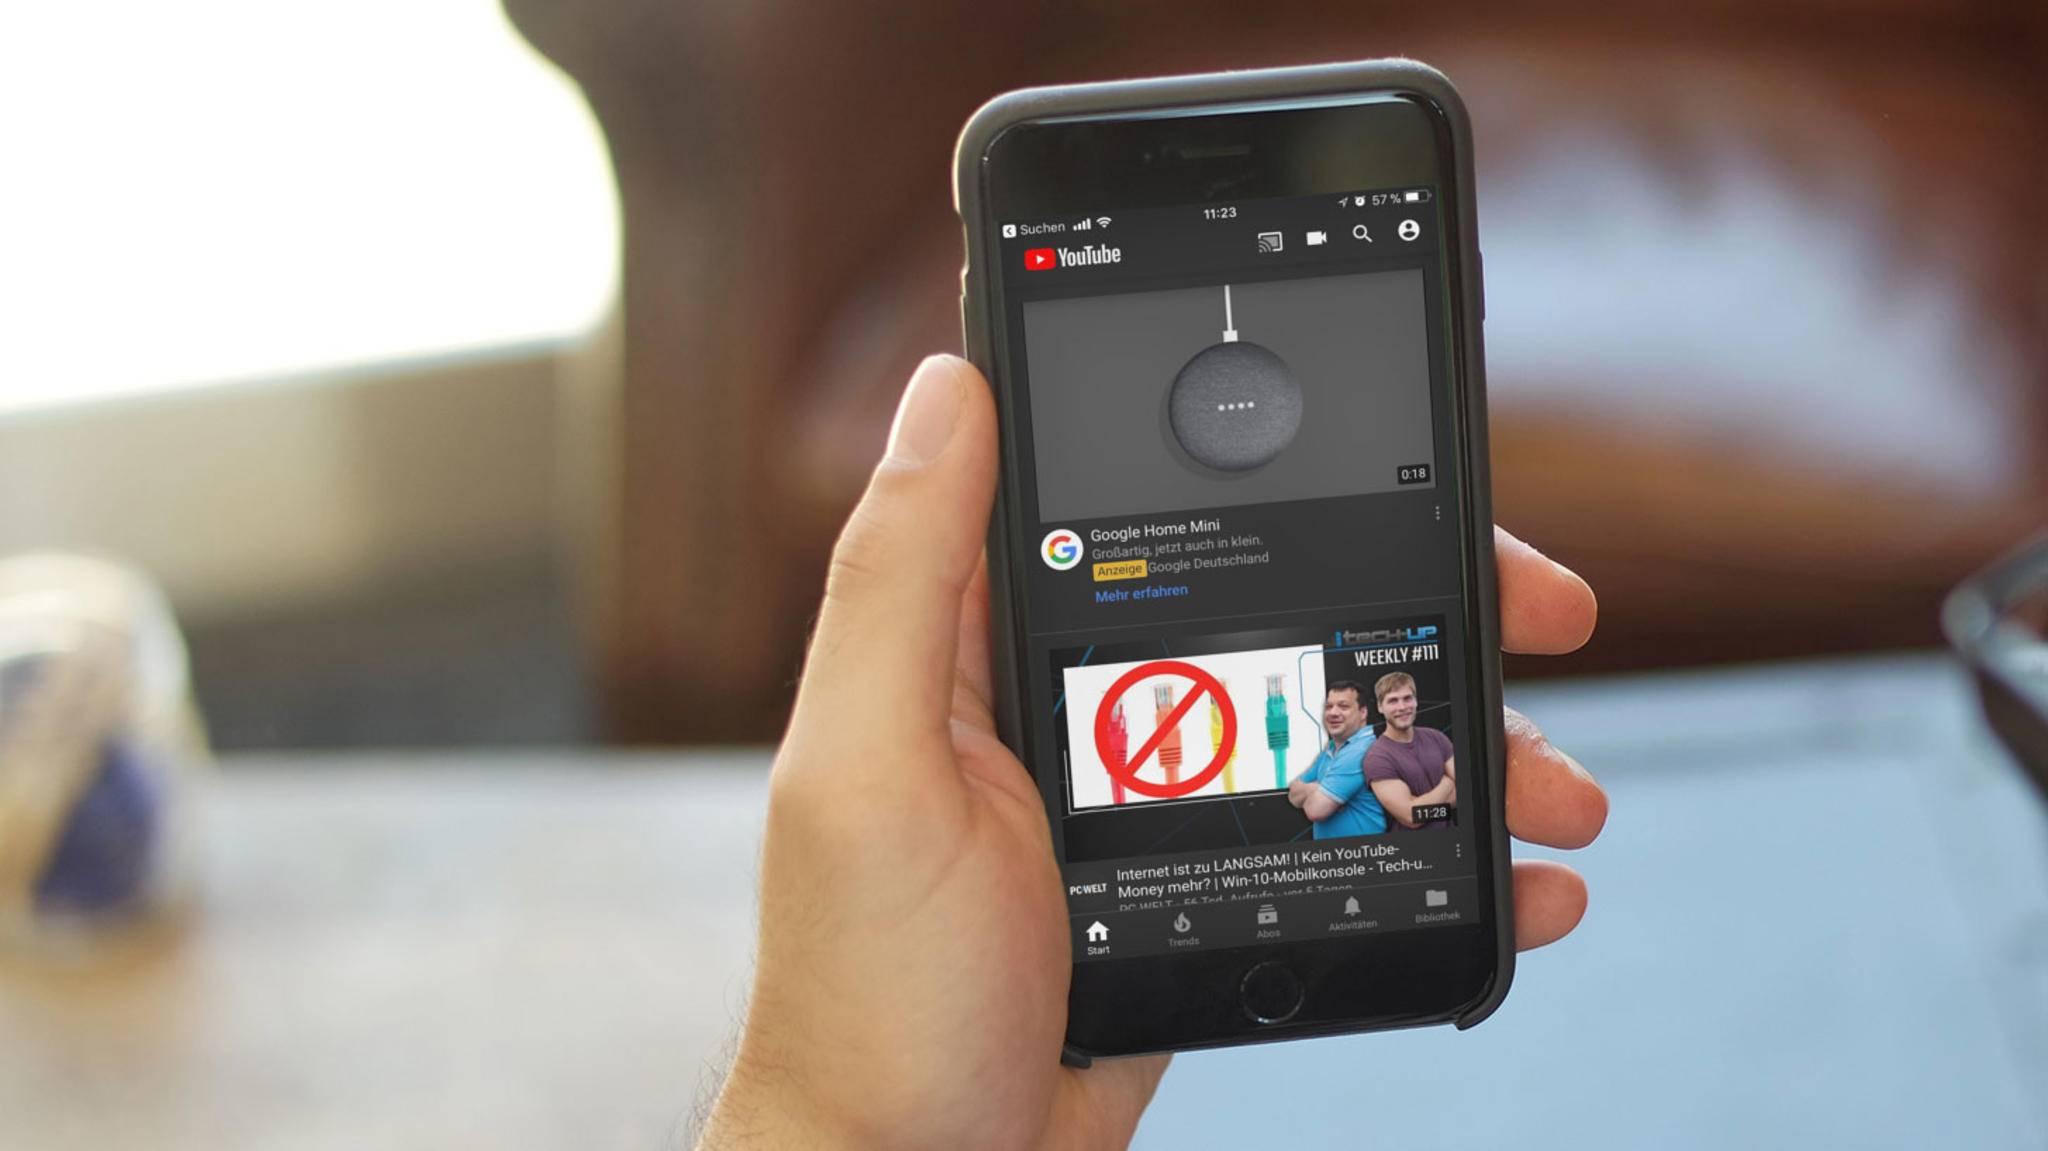 Mit dem Nachtmodus kann in der YouTube-App eine Menge Energie gespart werden.